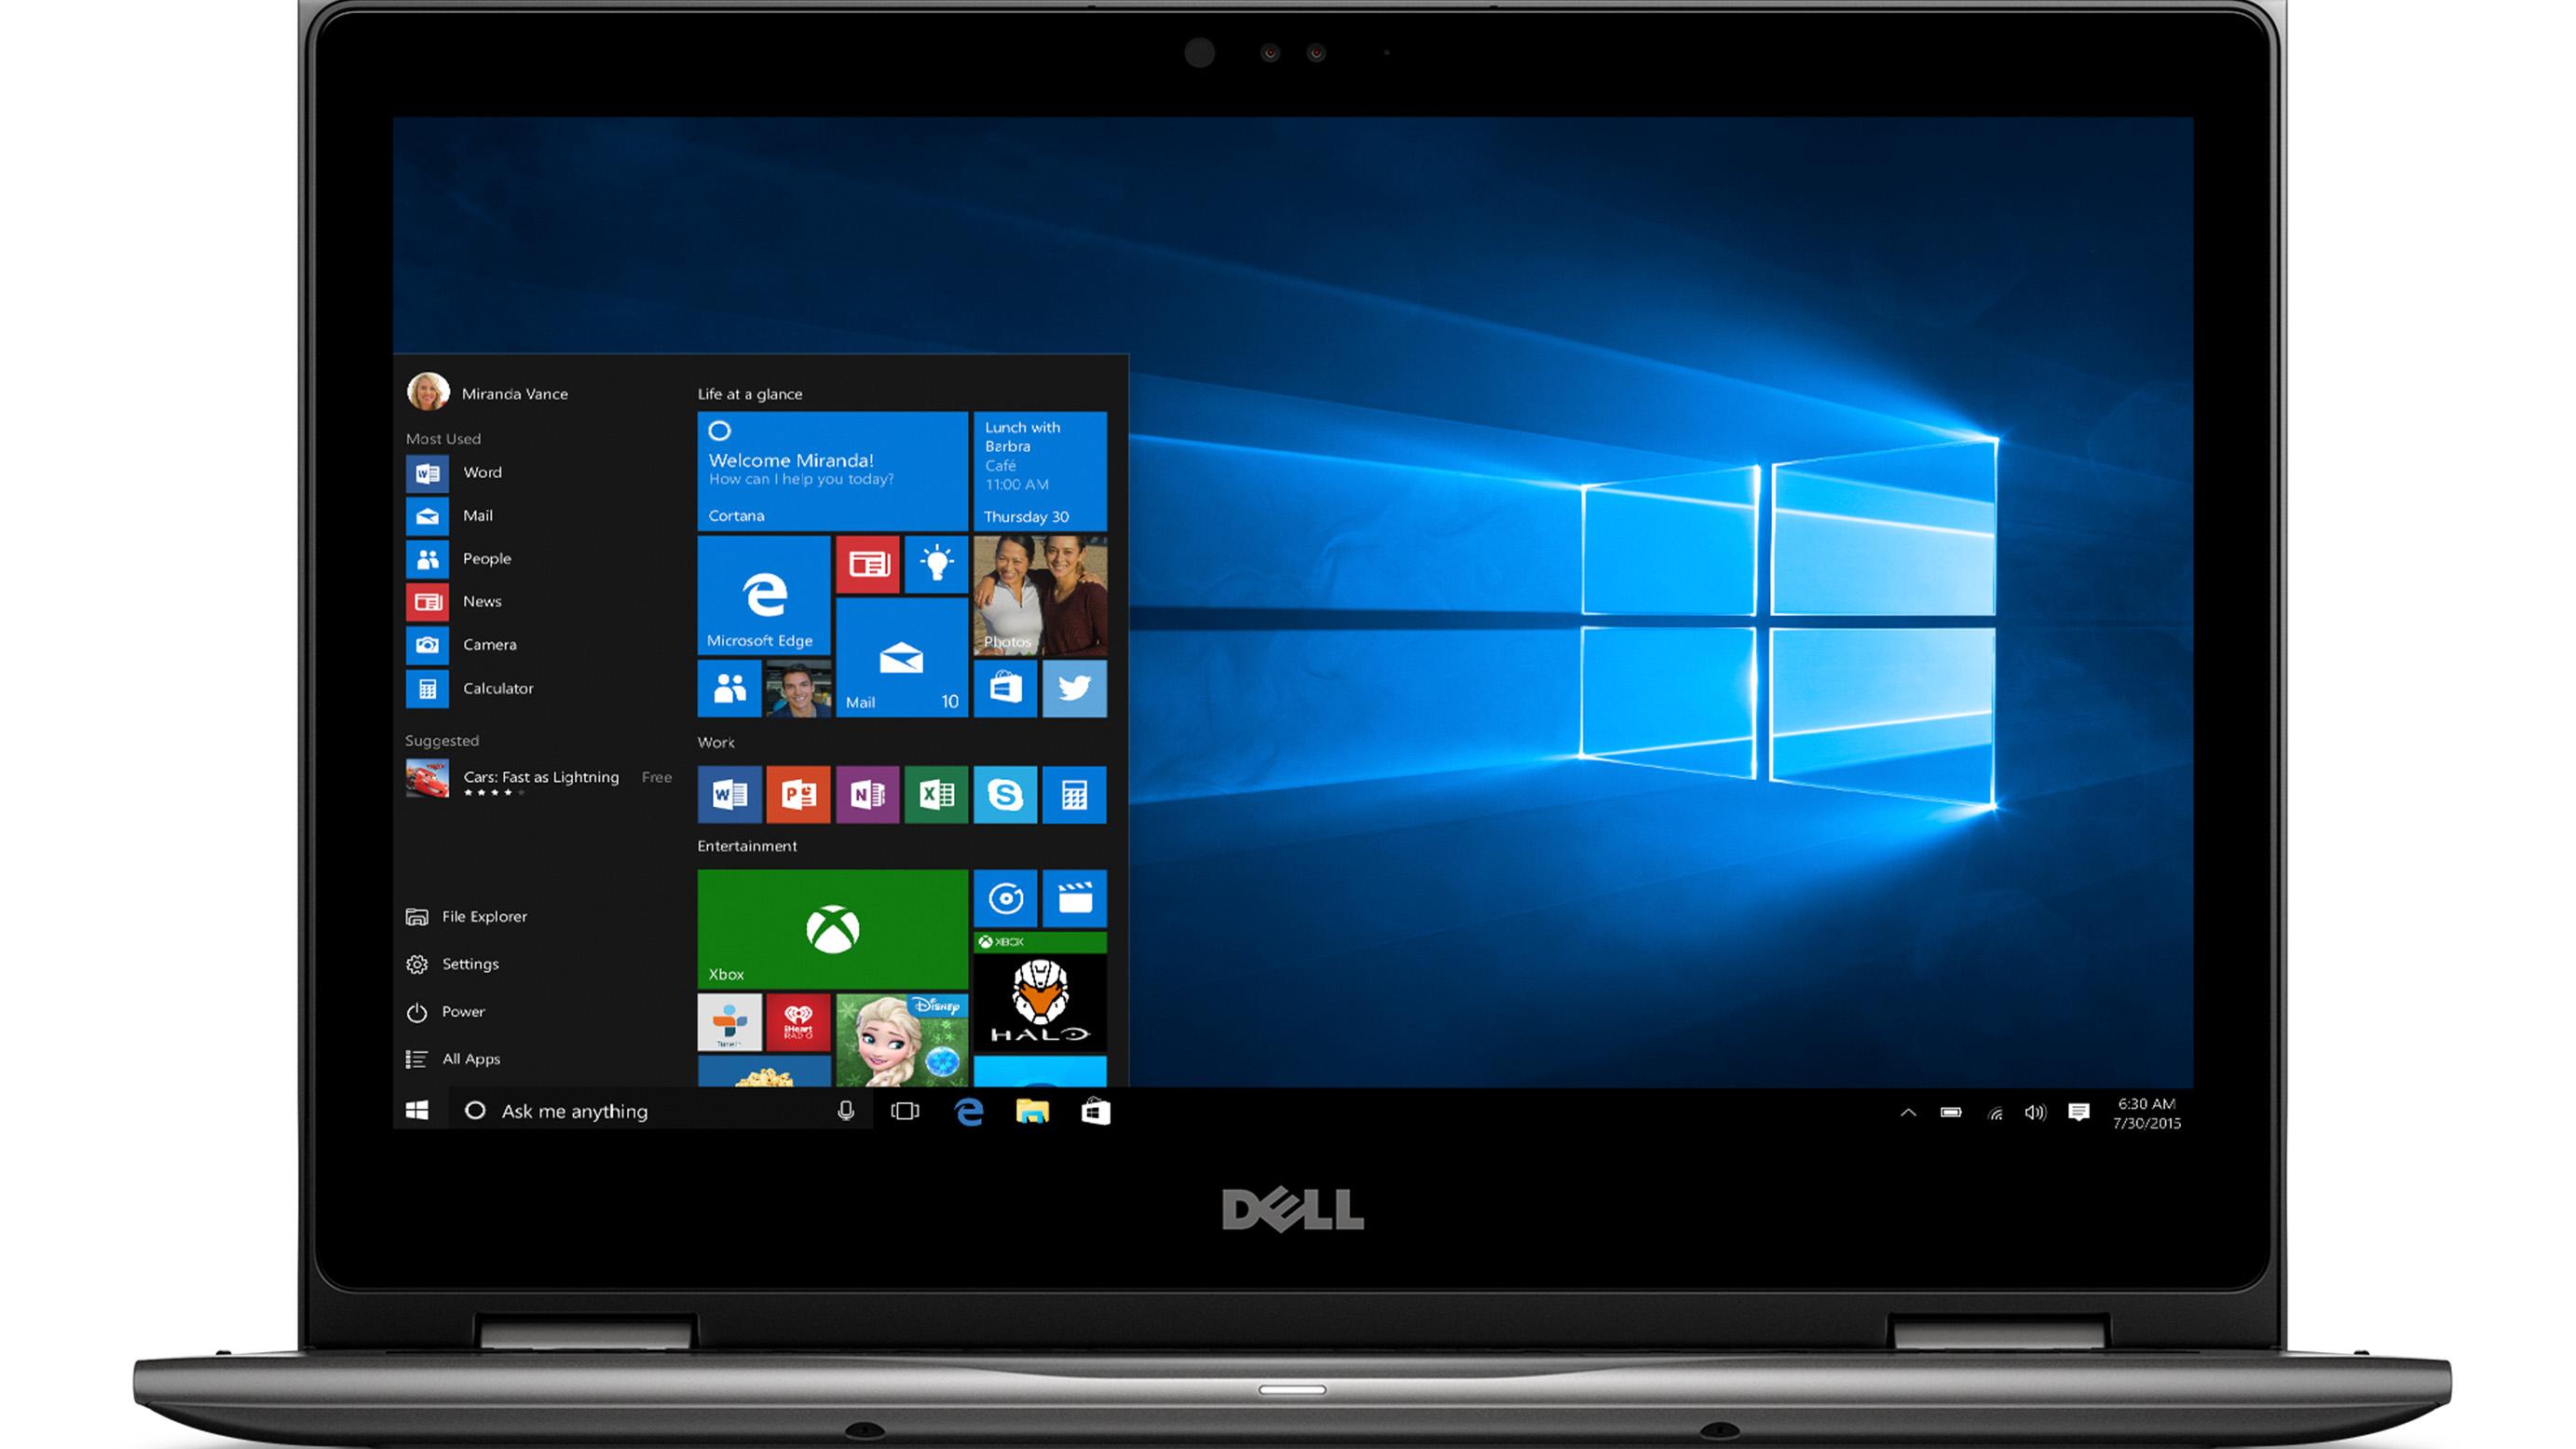 Dell Inspiron 13 5378 2-in-1 PC